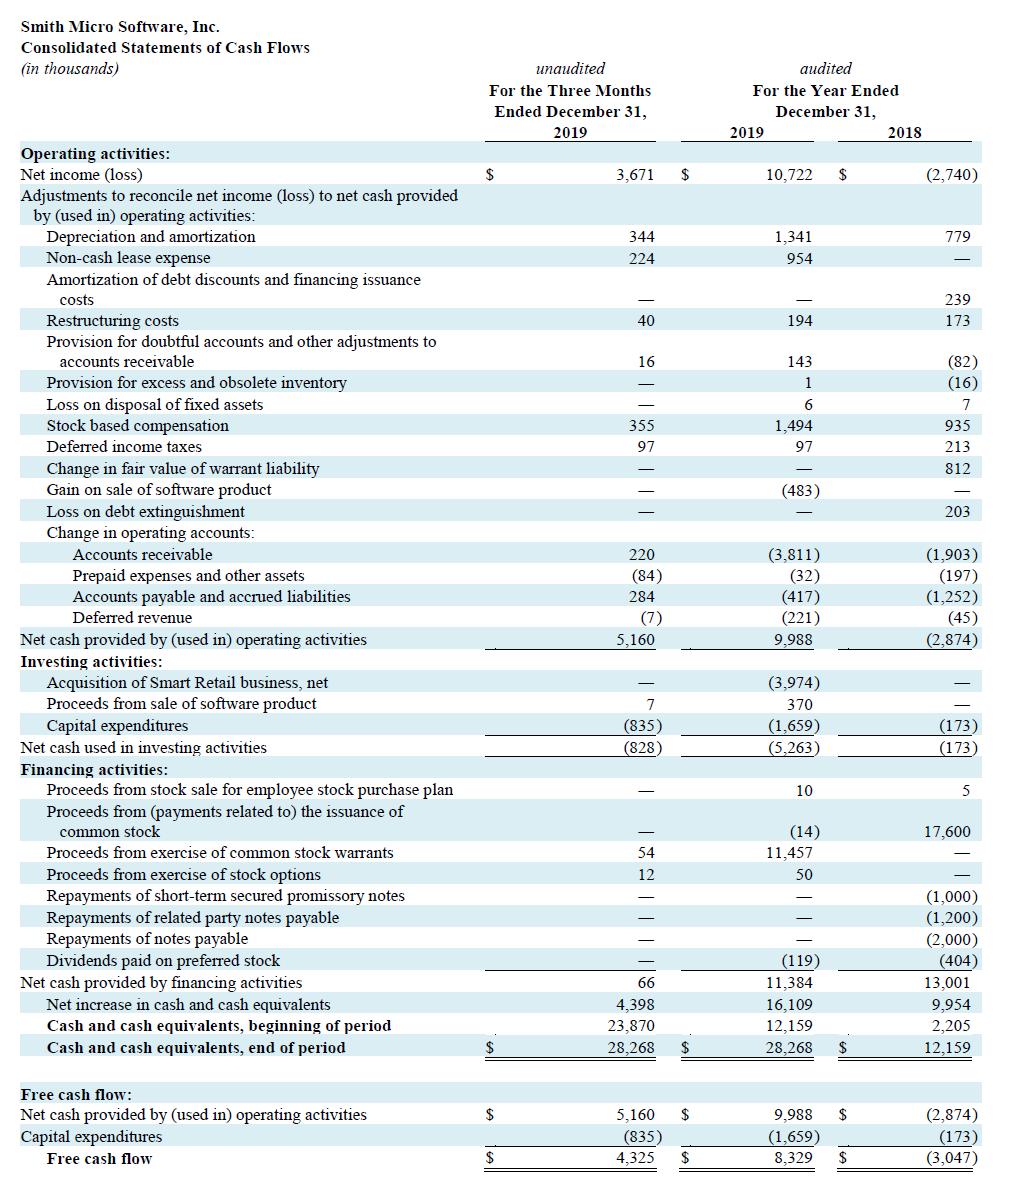 Q4 2019 Cash Flows